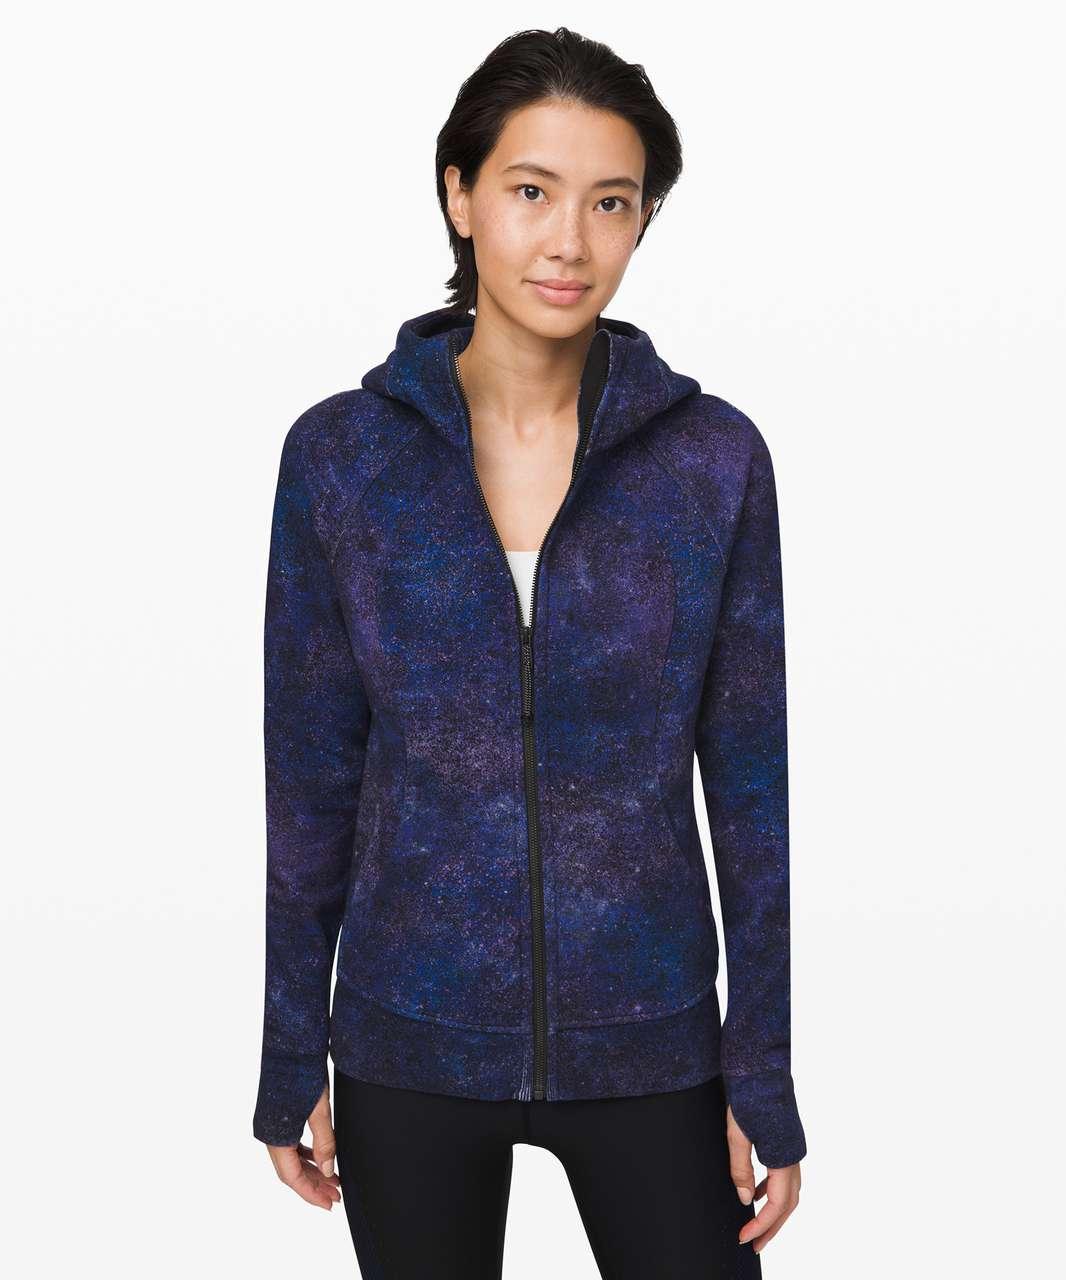 Lululemon Scuba Hoodie *Light Cotton Fleece - Polar Lights Blue Multi